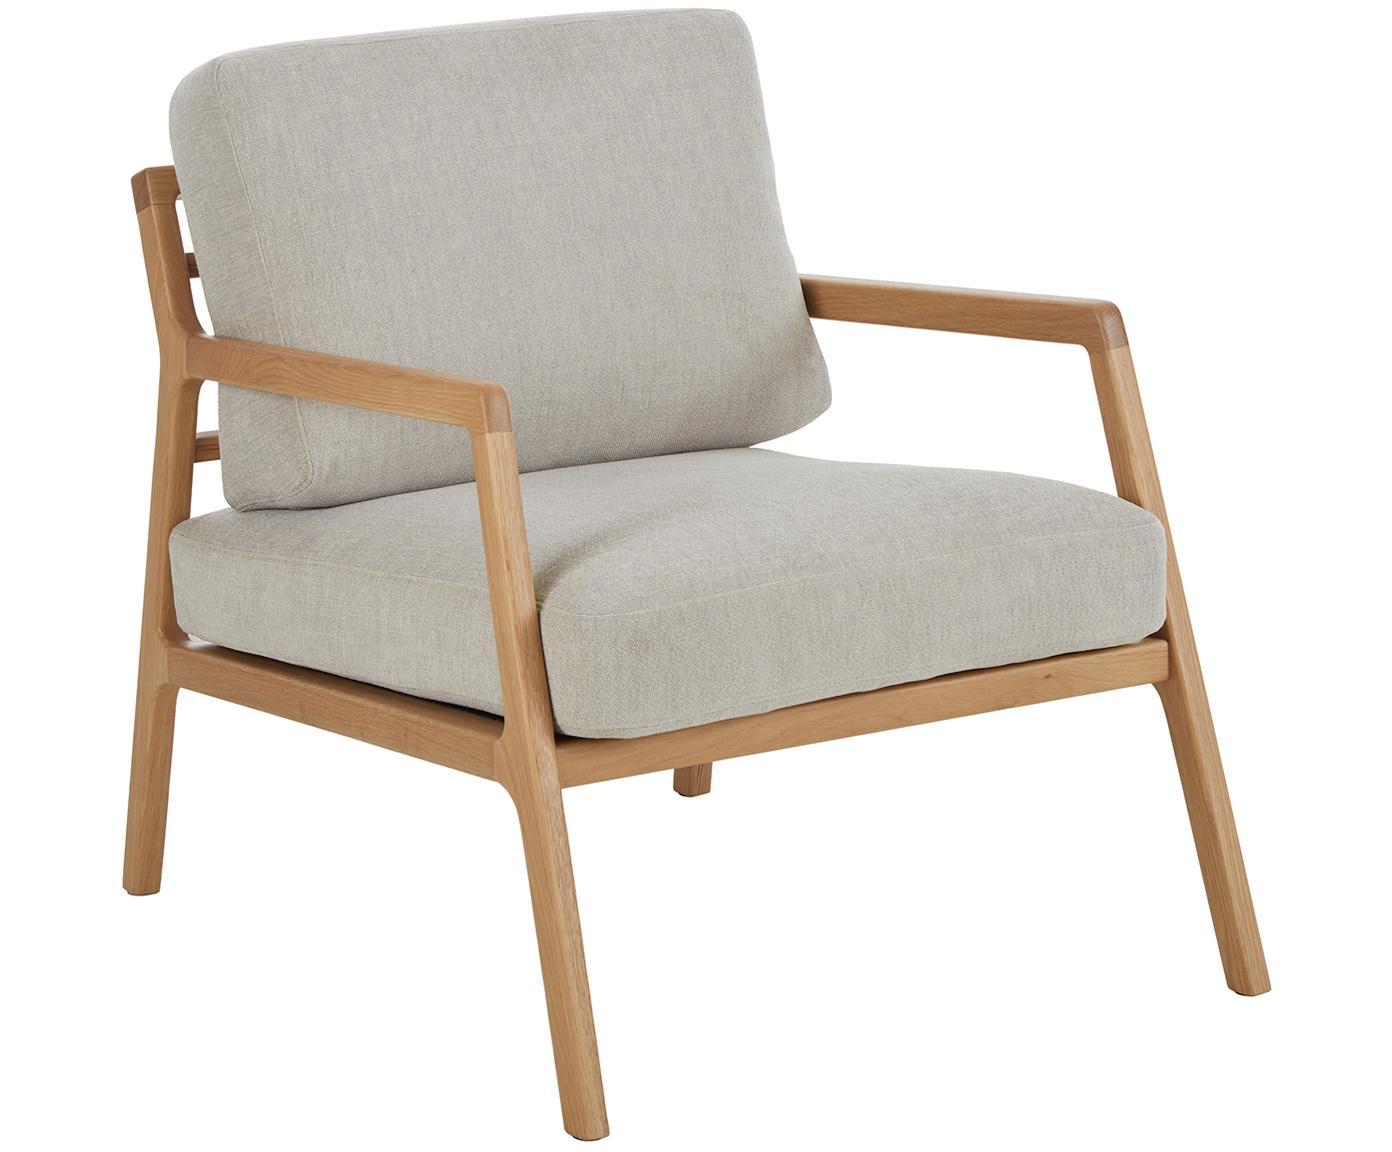 Fotel z podłokietnikami z drewna dębowego Becky, Tapicerka: poliester 35 000 cykli w , Stelaż: lite drewno dębowe, Szary, S 73 x G 90 cm